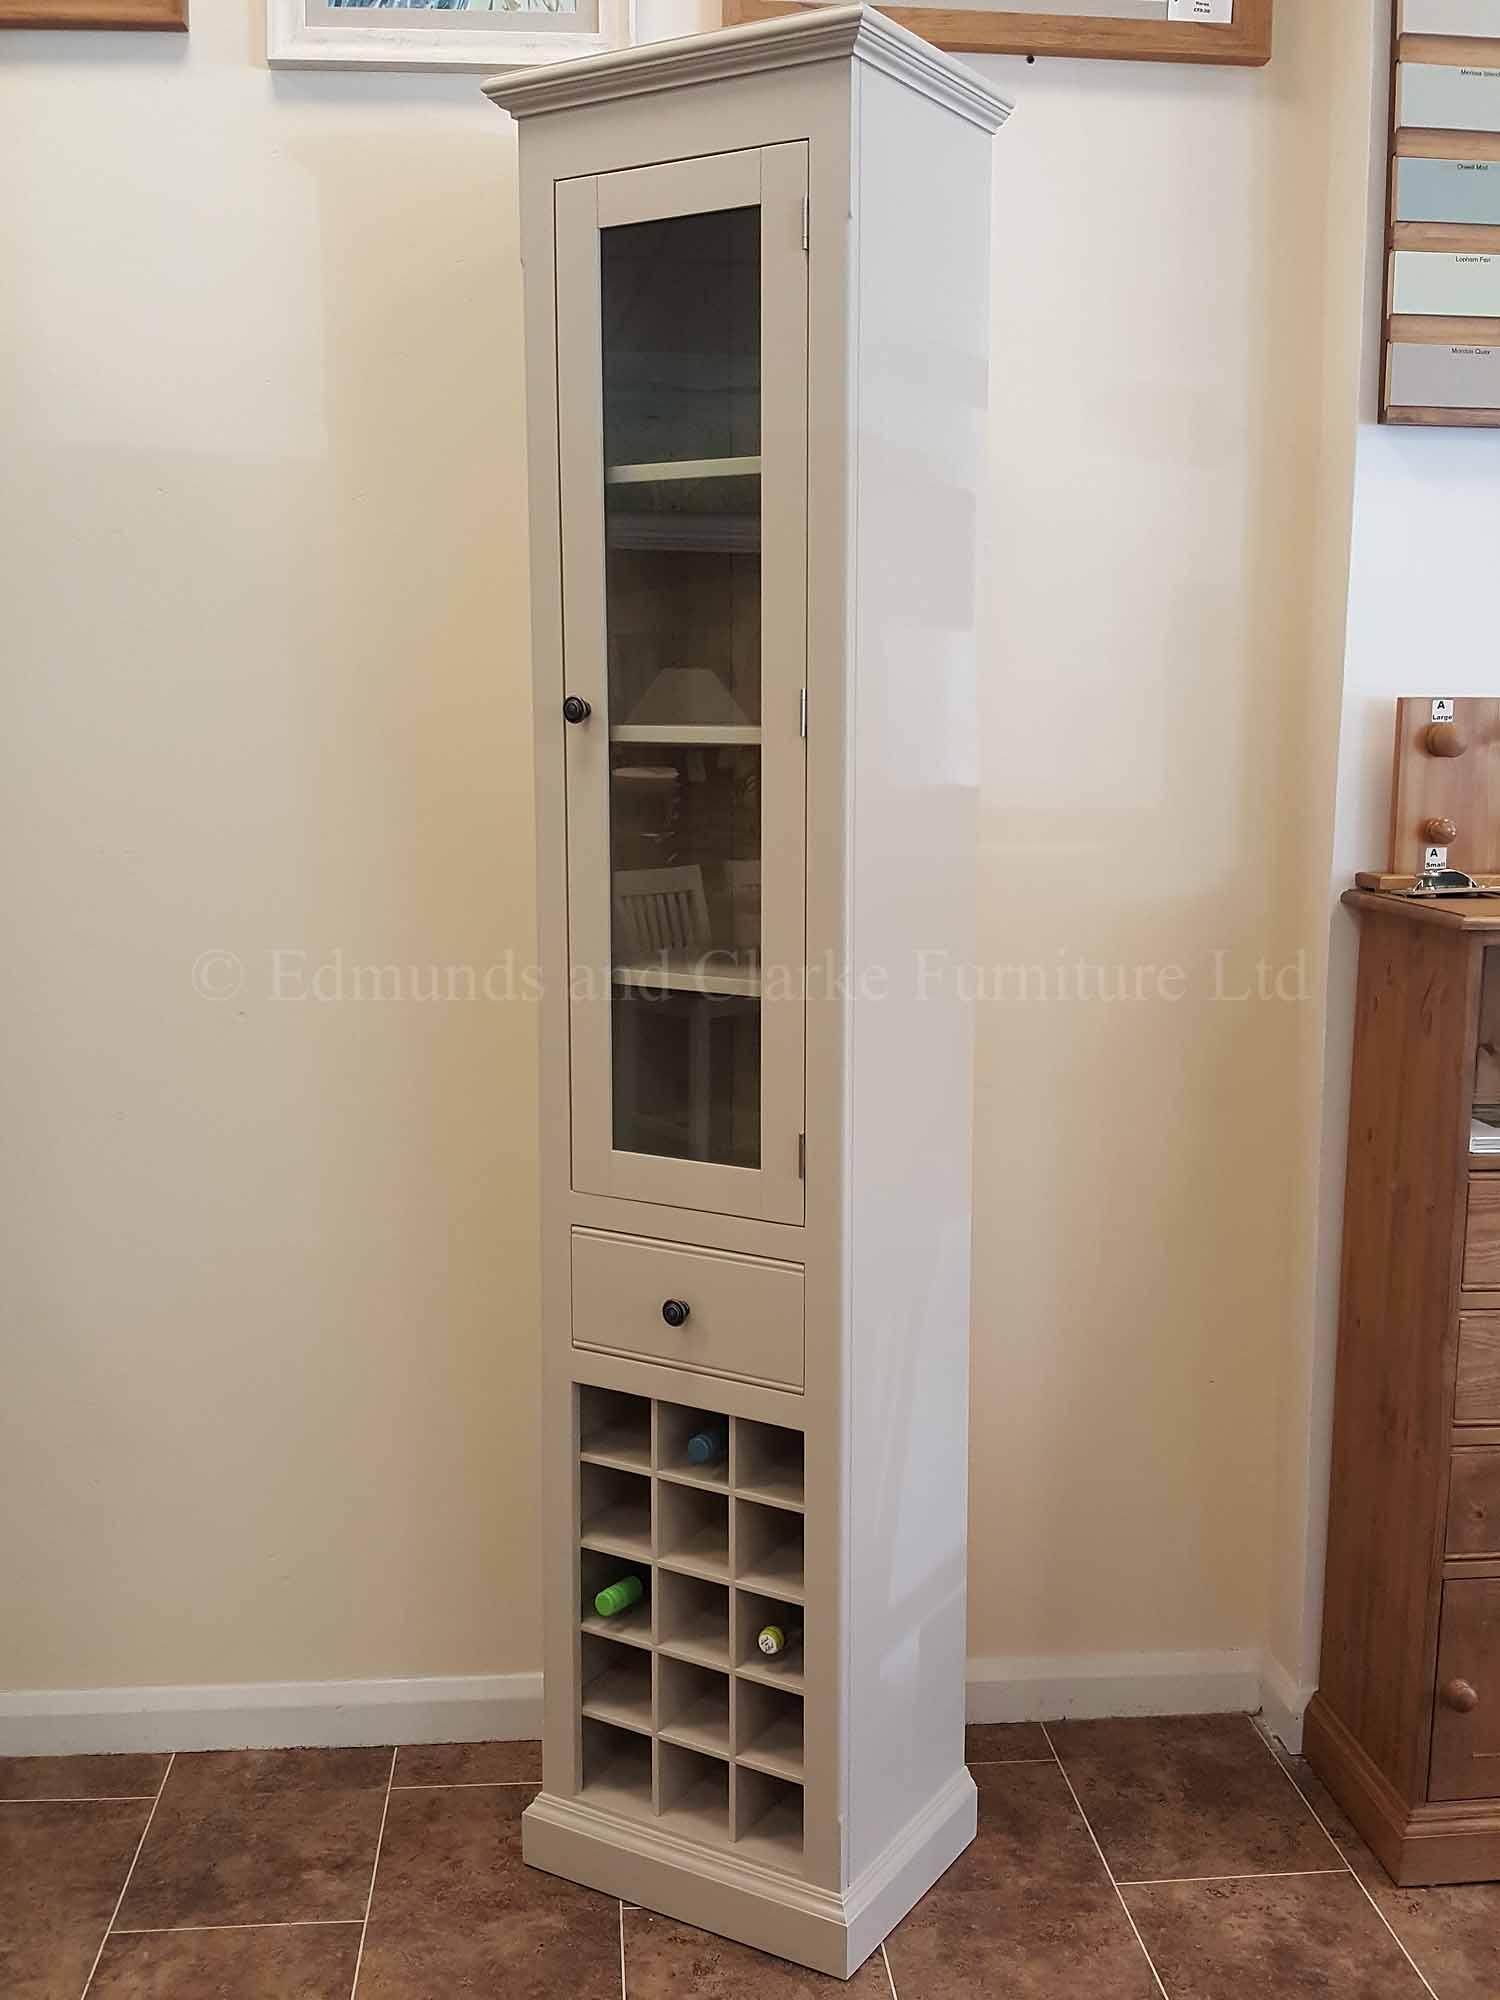 Tall narrow glazed kitchen cupboard with wine rack